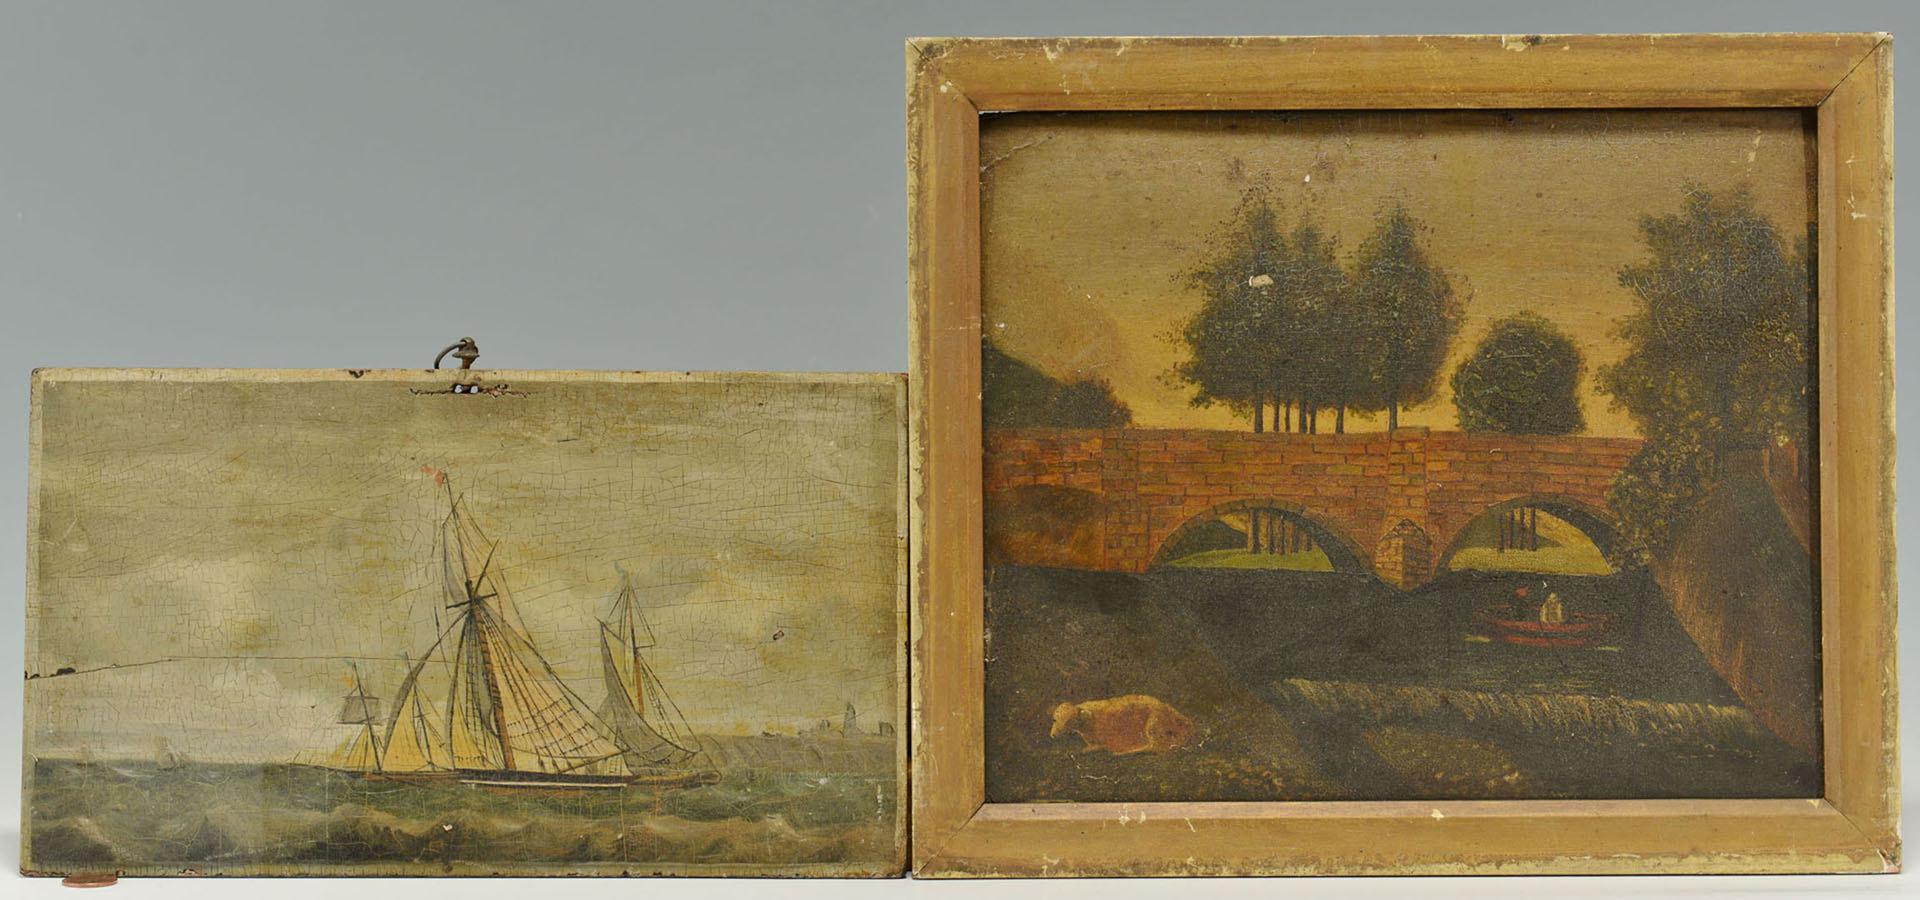 Lot 523: Two Folk Art oil on Board Paintings